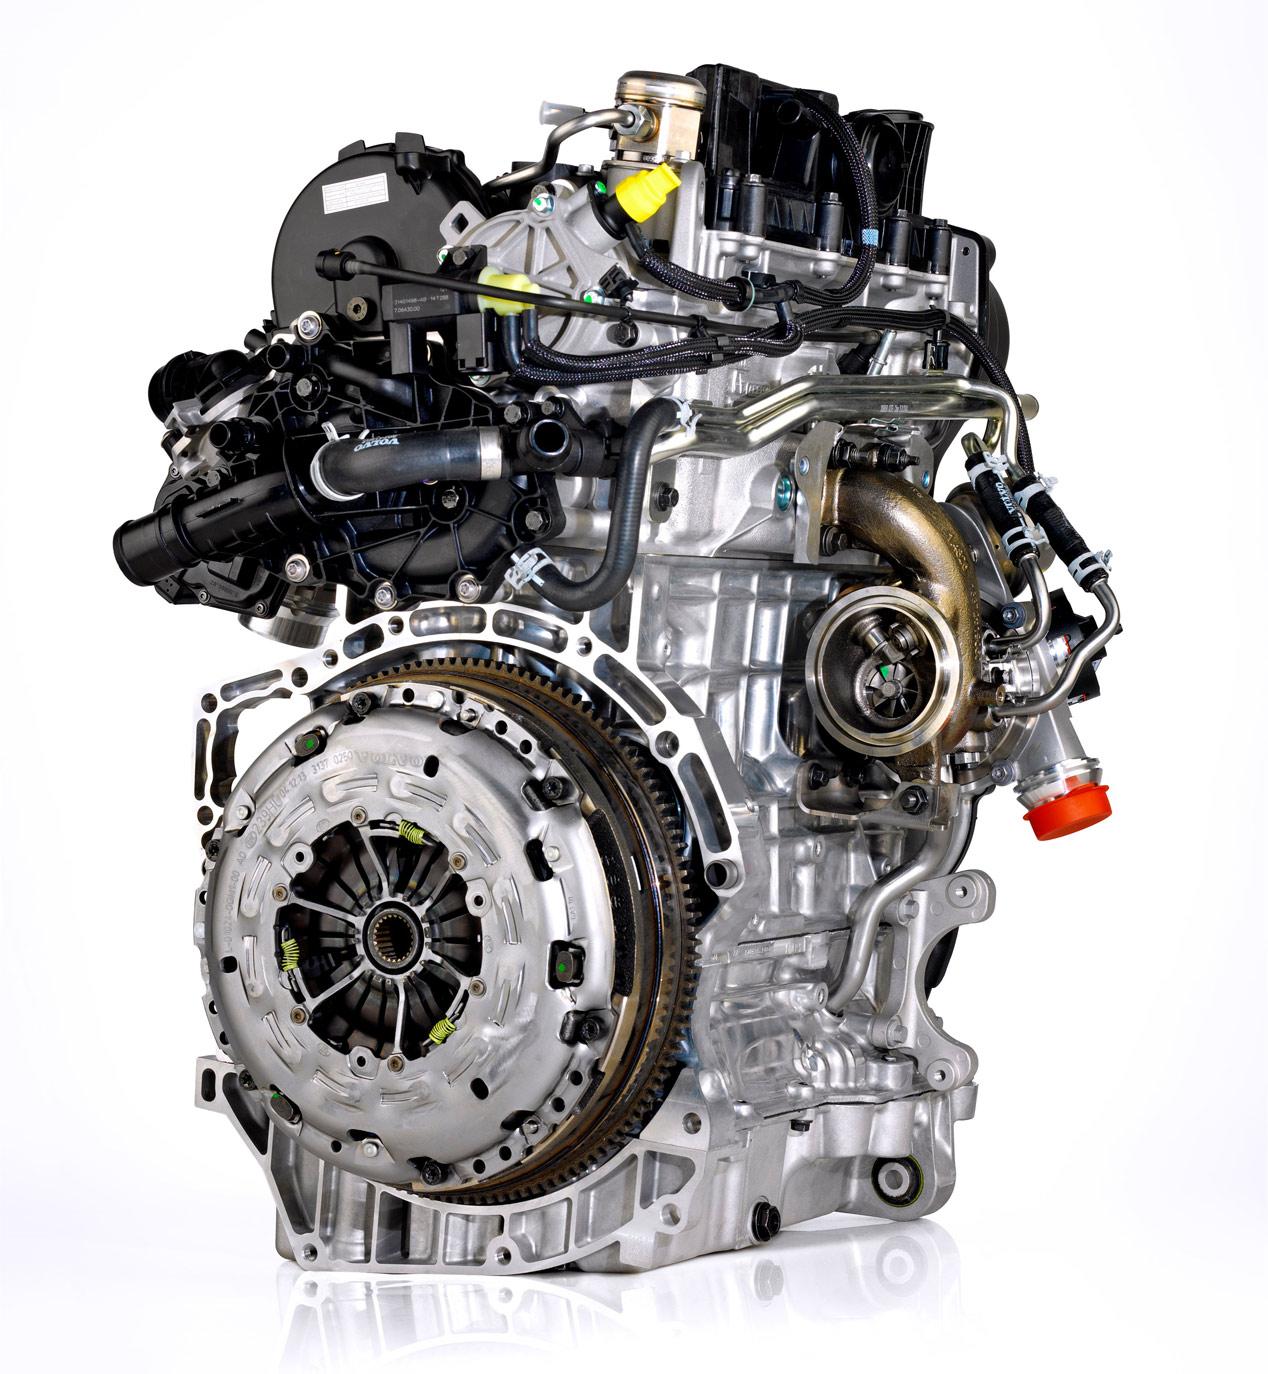 Volvo y su nuevo motor de 3 cilindros